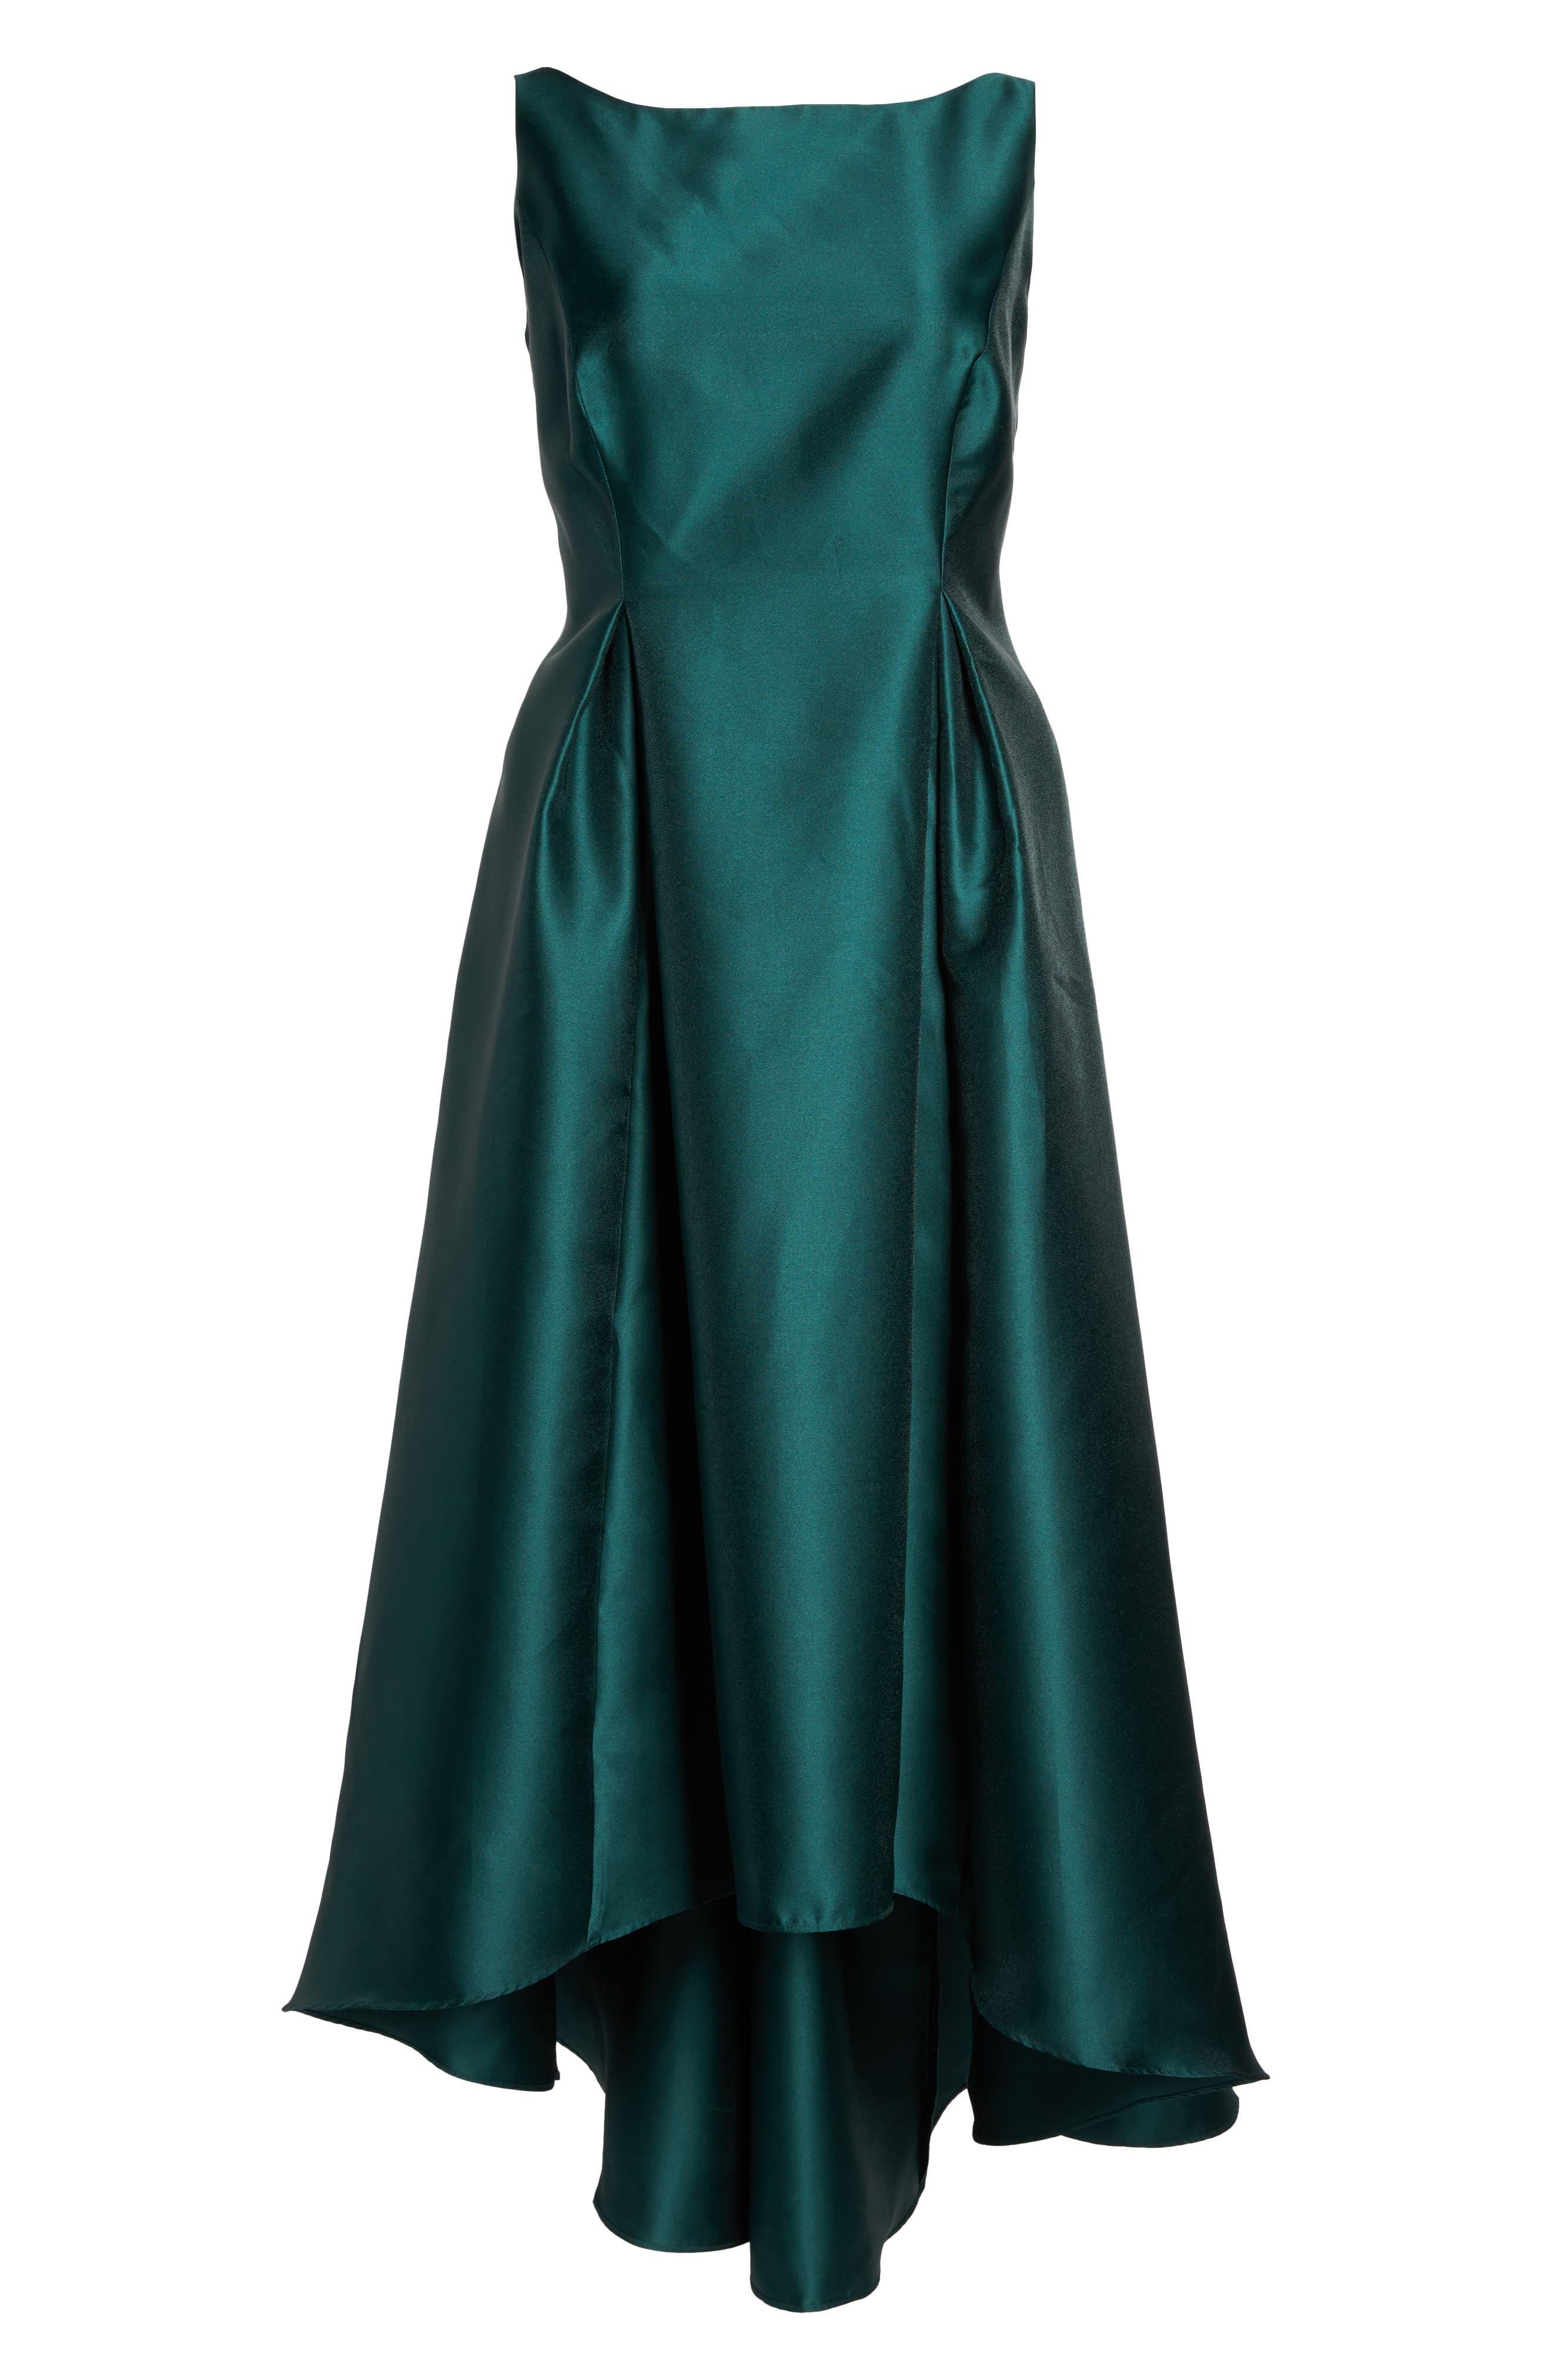 Main Image - Adrianna Papell Arcadia Sleeveless High/Low Mikado Ballgown (Plus Size)